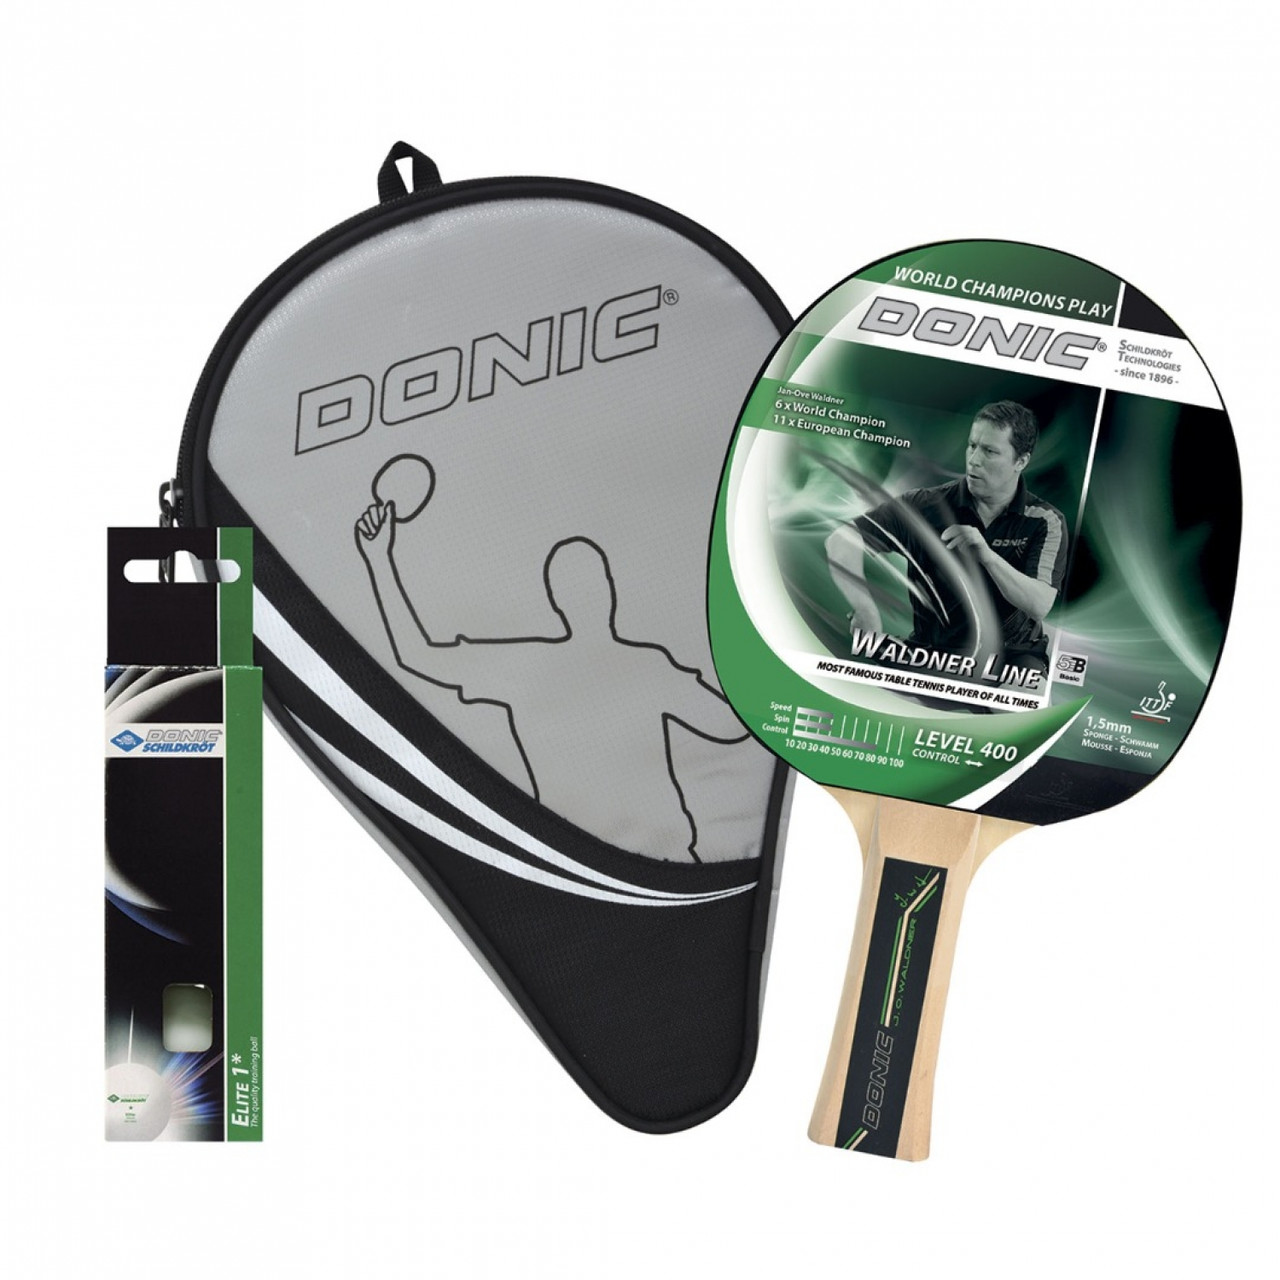 Набор для настольного тенниса и пинг-понга Donic Waldner 400 Gift SET для игроков среднего уровня (788484)